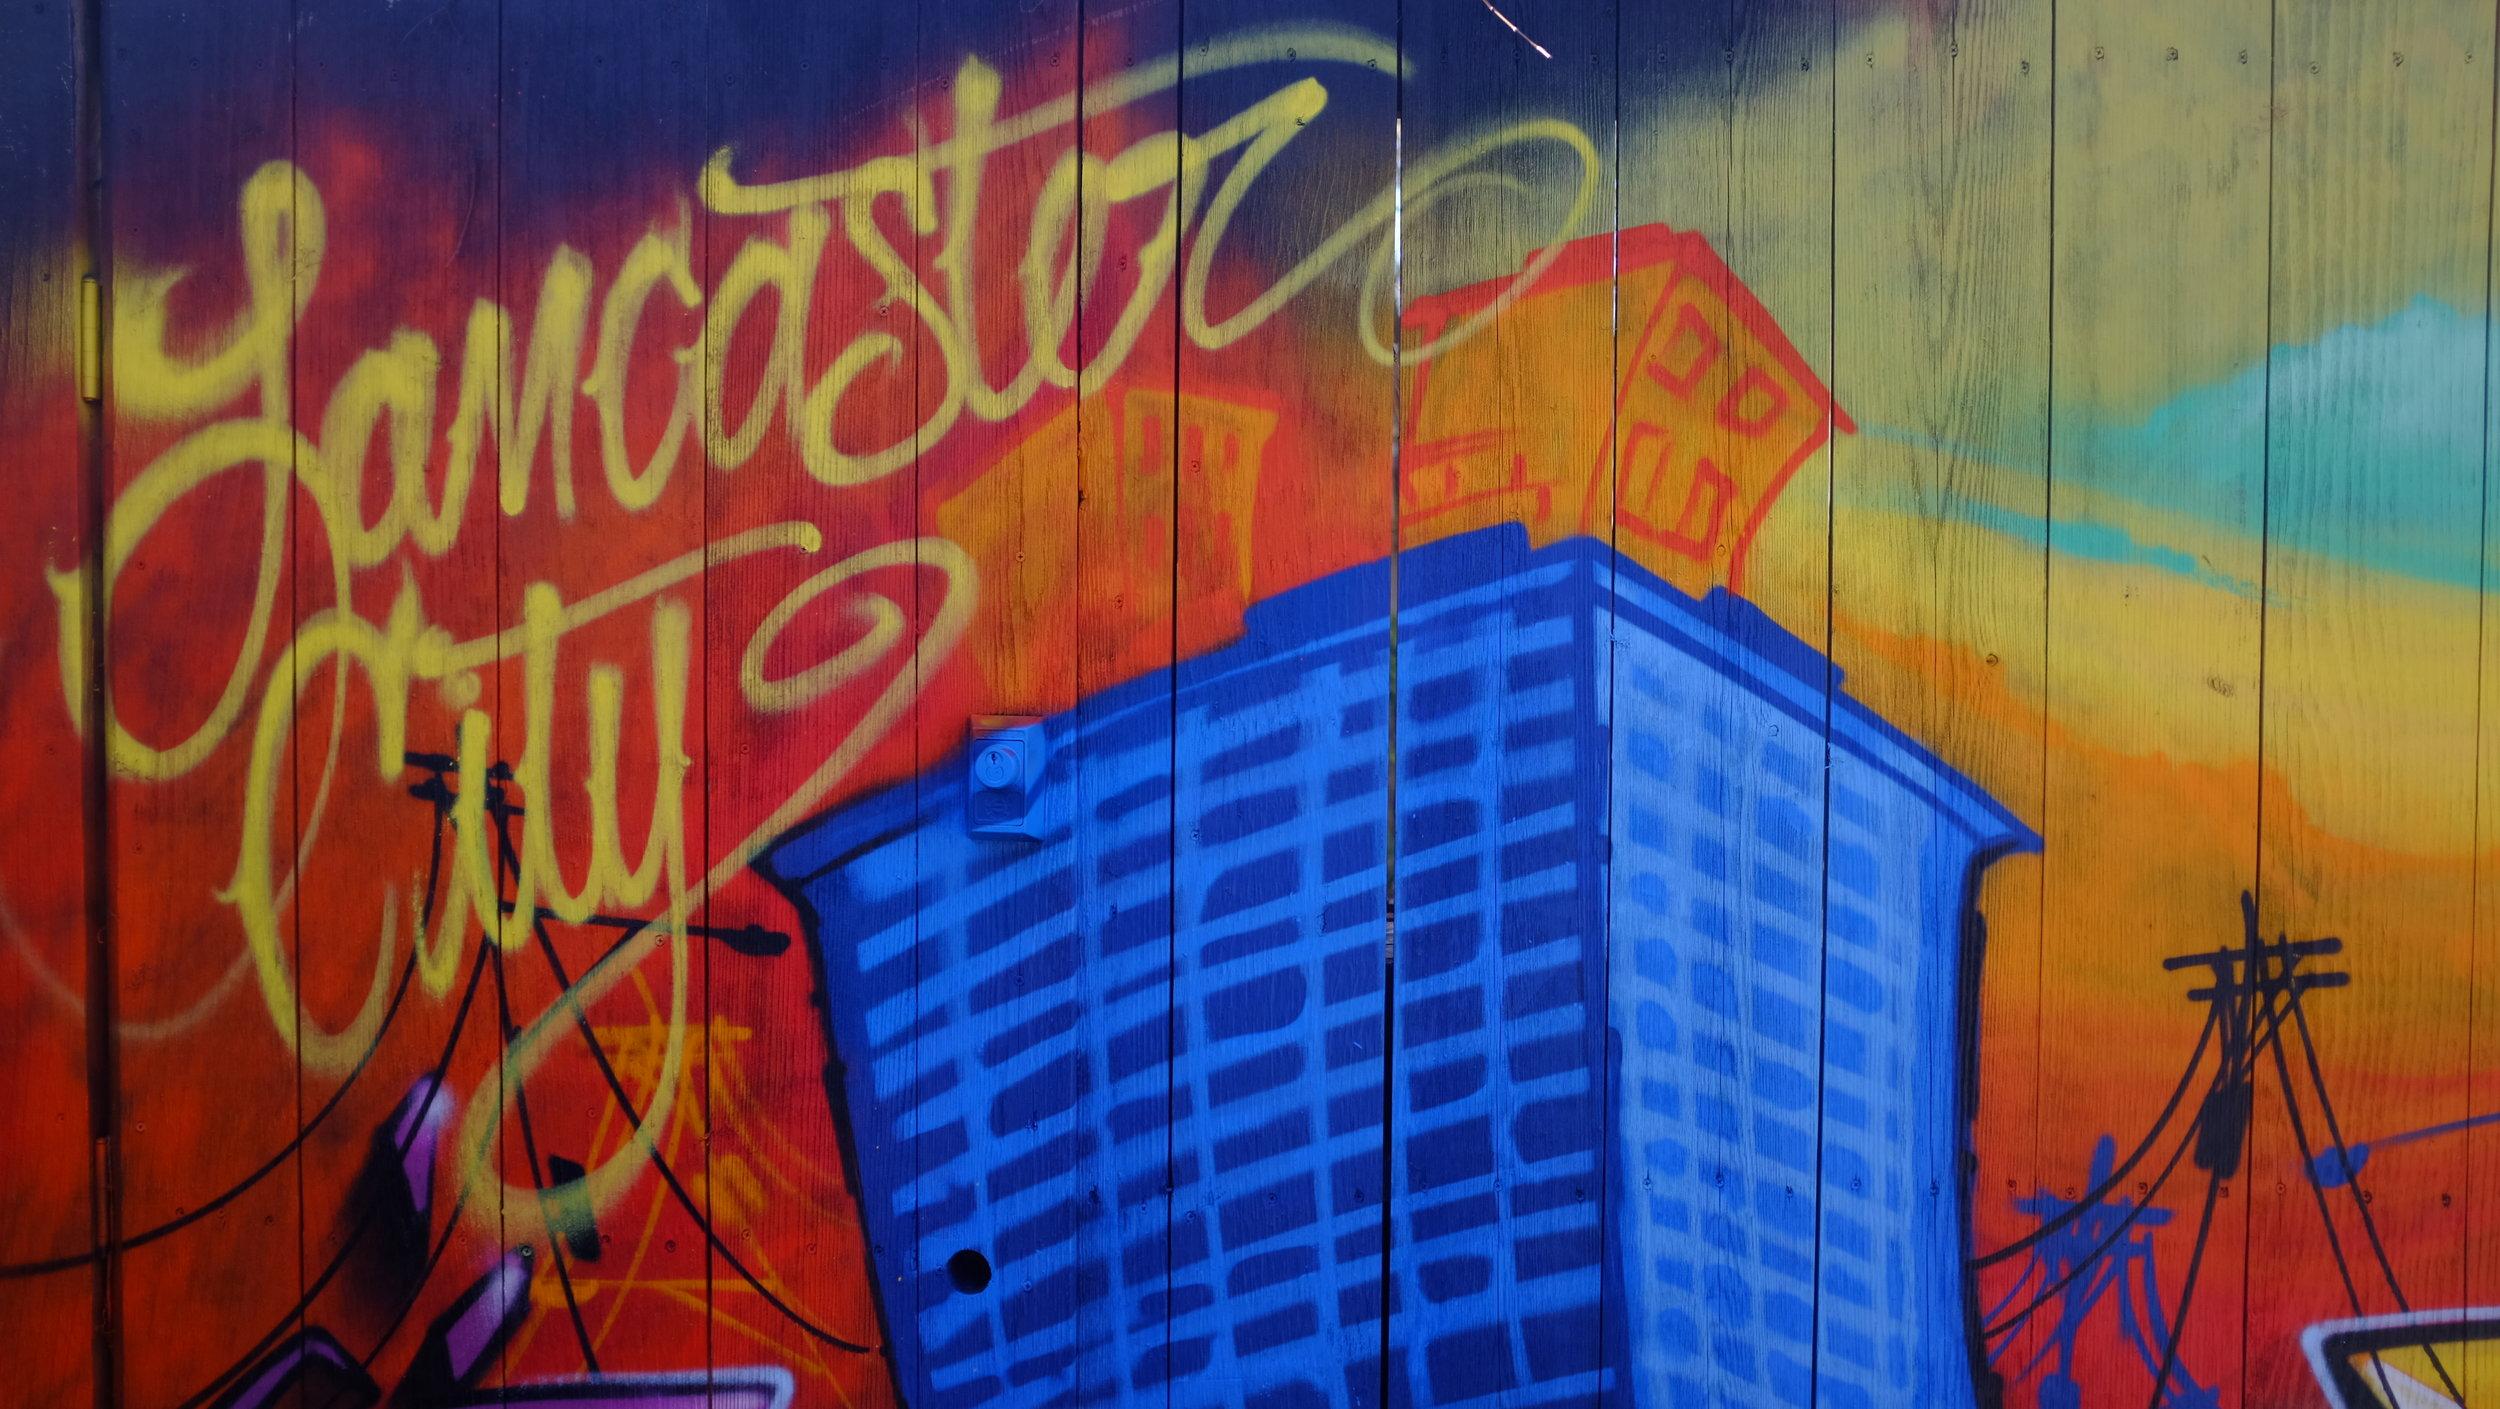 Street art. Downtown Lancaster.